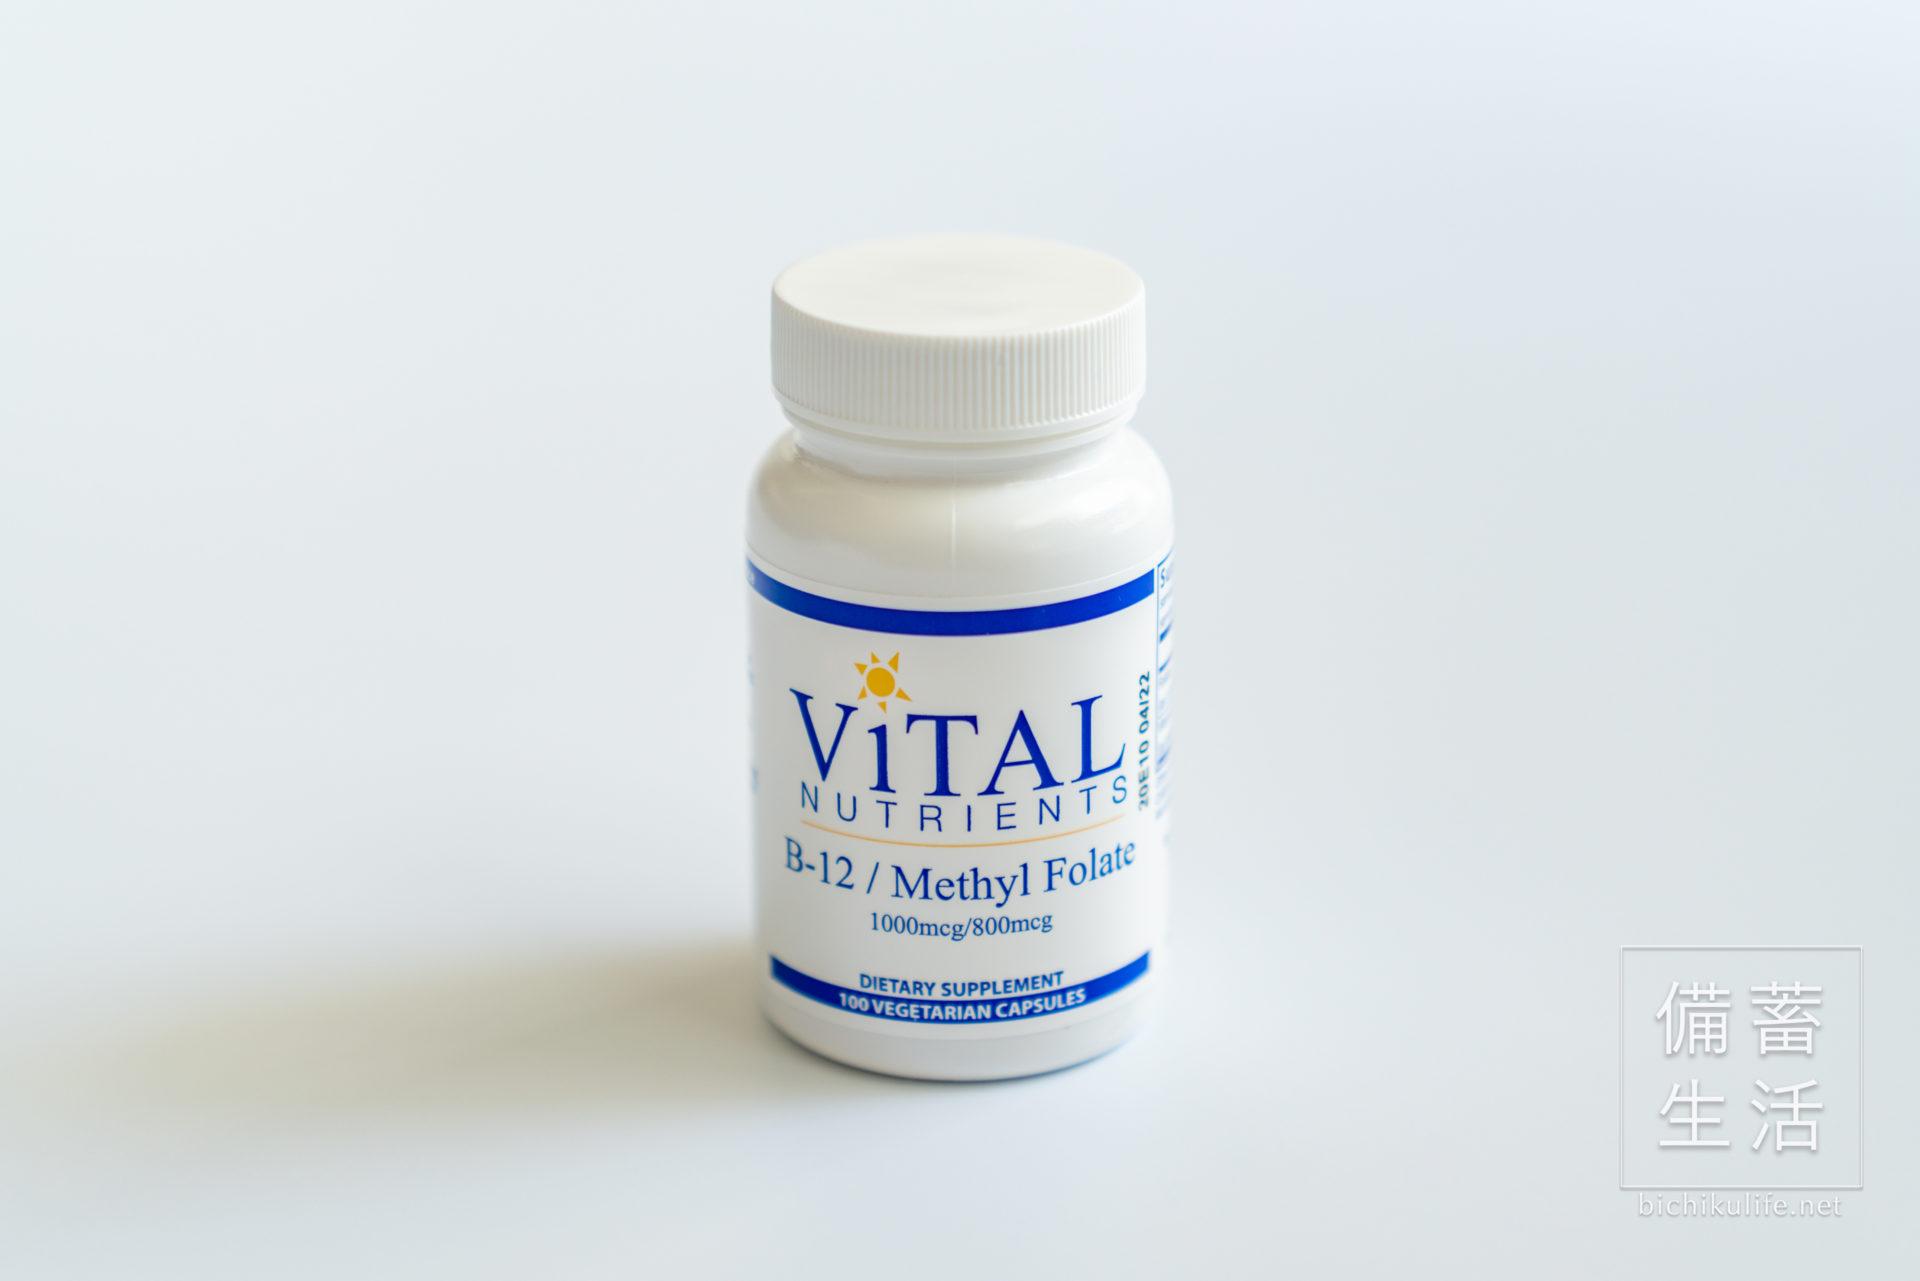 ヴァイタル ニュートリエンツ ビタミンB-12・葉酸 Vital Nutrients B-12 Methyl Folate